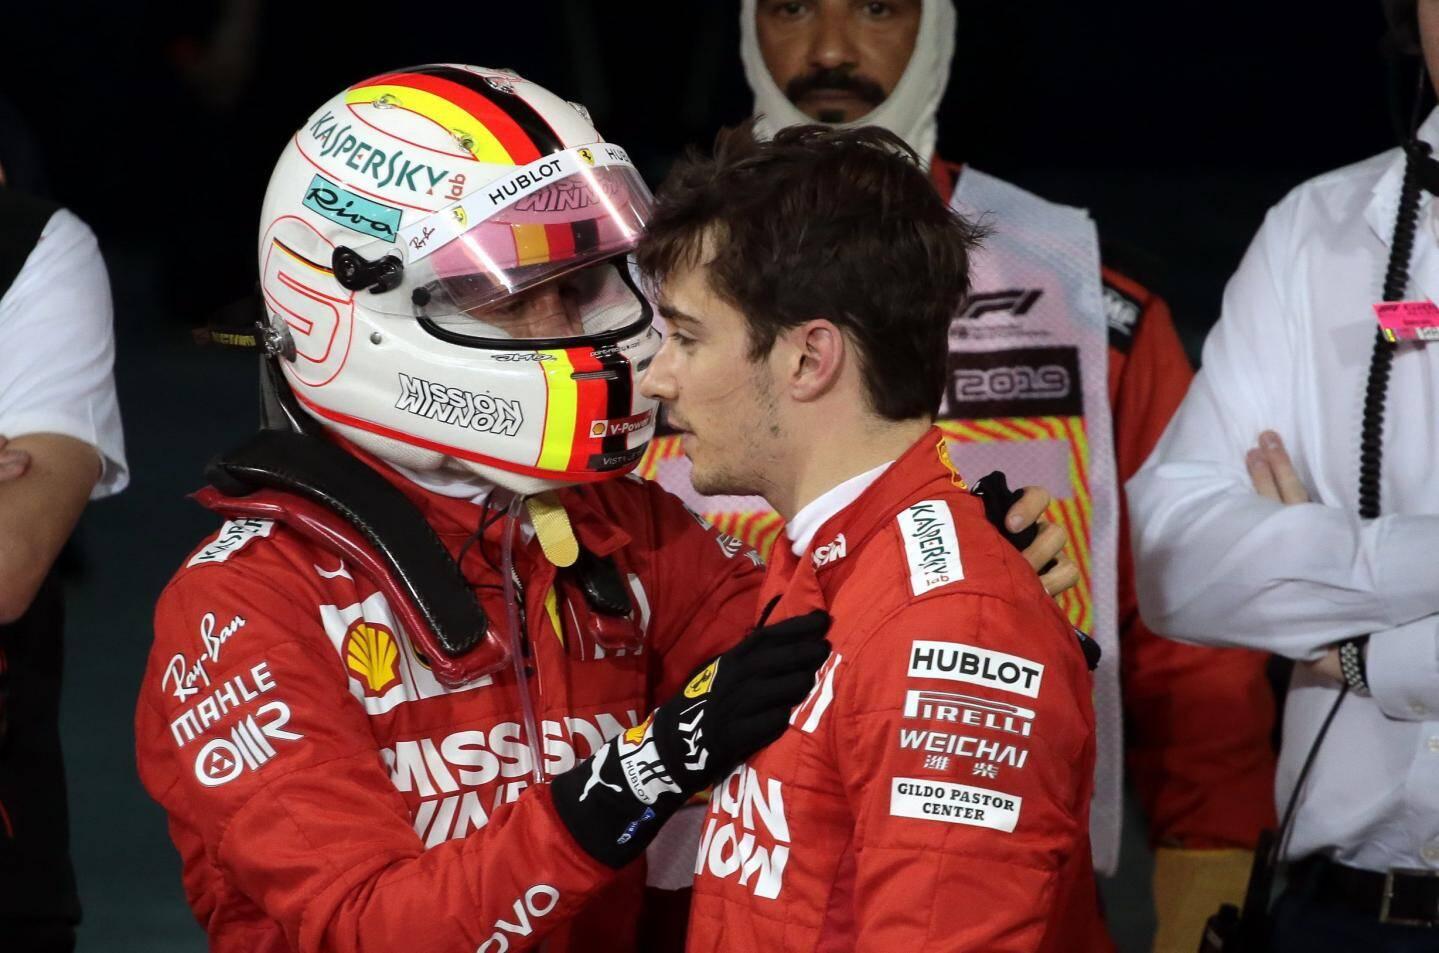 Si la victoire s'est refusée à lui, Charles Leclerc a tout de même pris l'ascendant sur son sacré coéquipier Sebastian Vettel (à gauche), ce dimanche à Bahreïn.